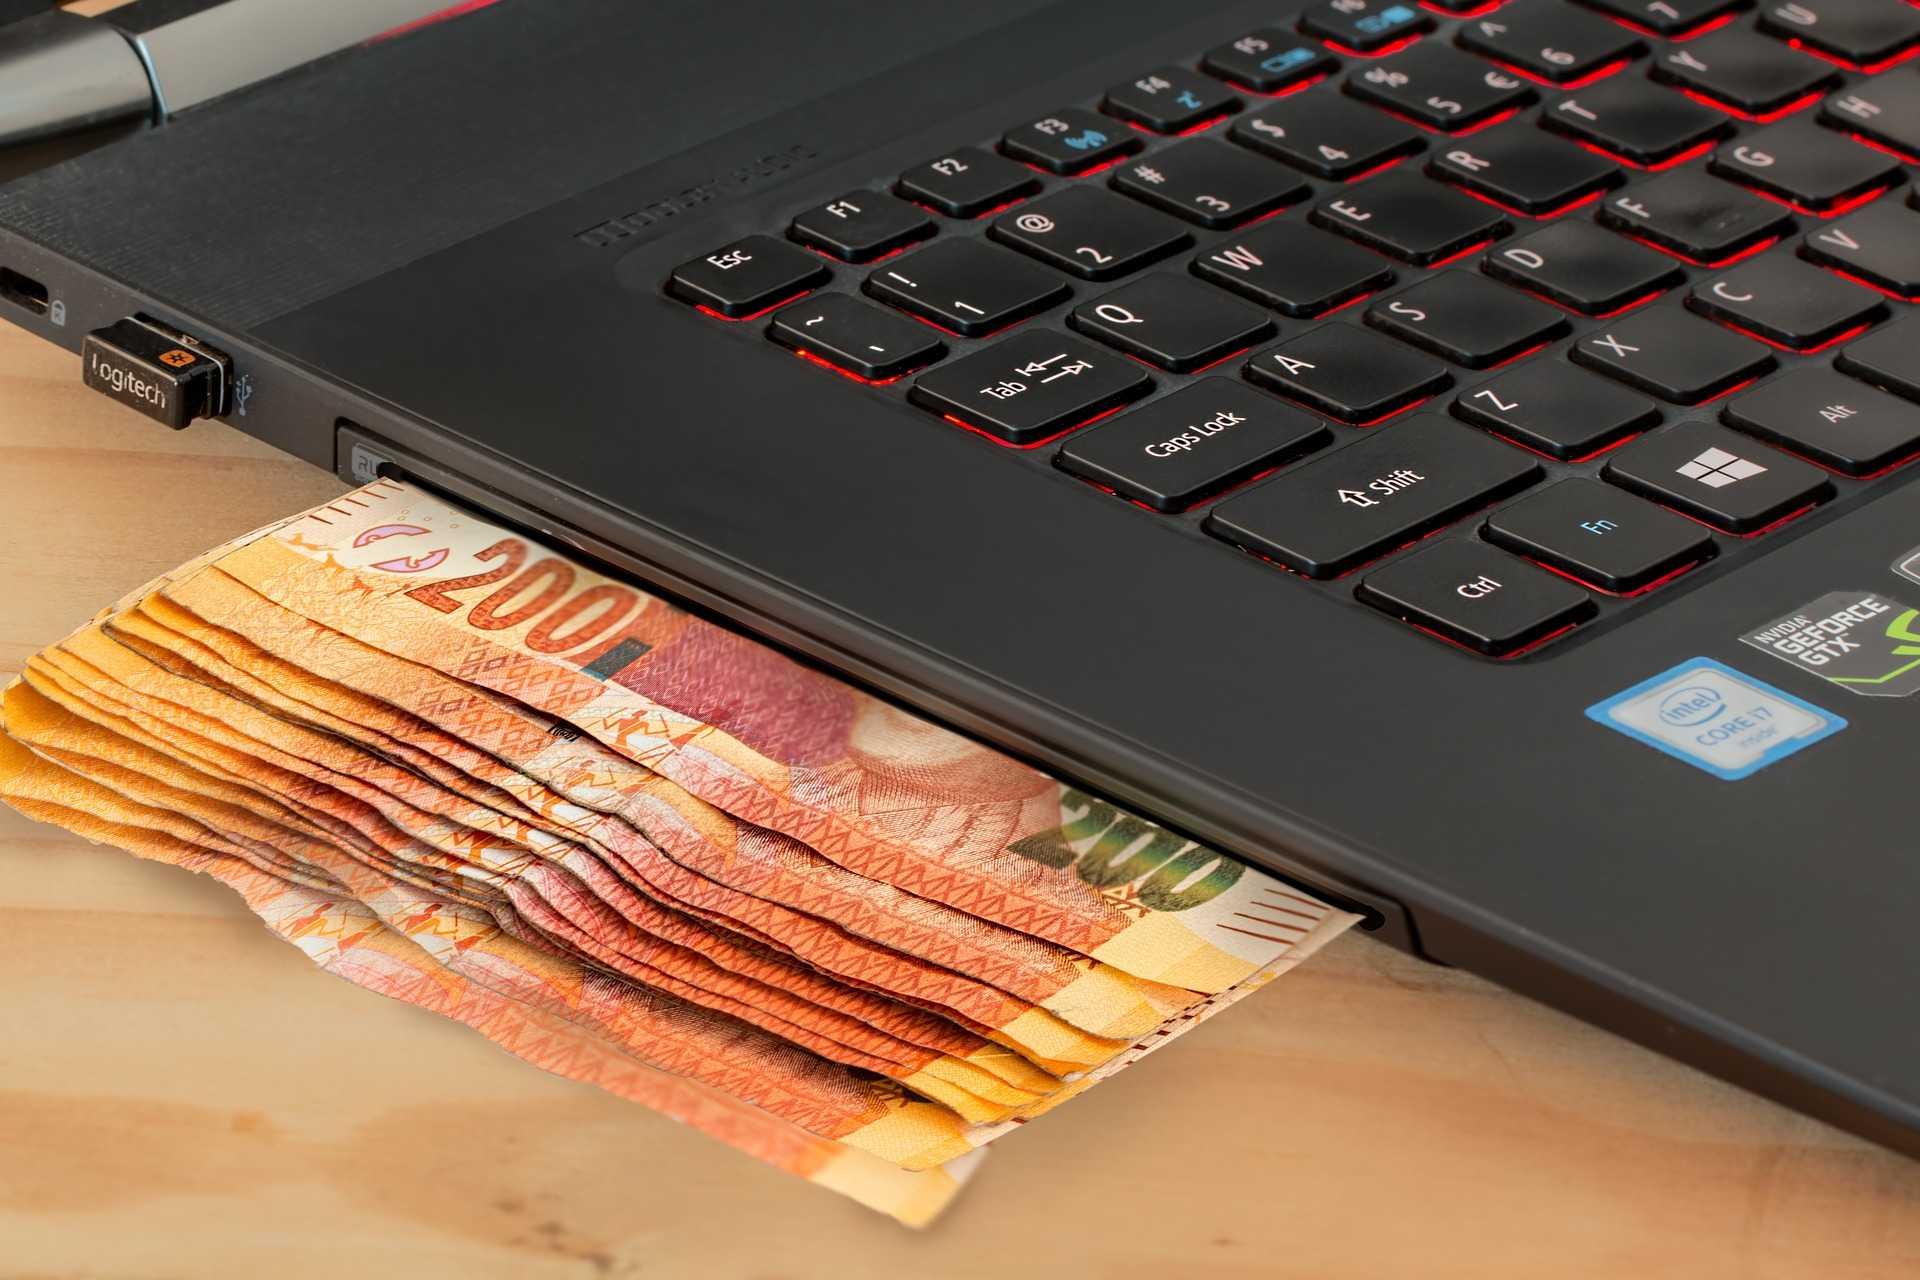 Drogenbeauftragte: Illegale Online-Glückspiele eindämmen